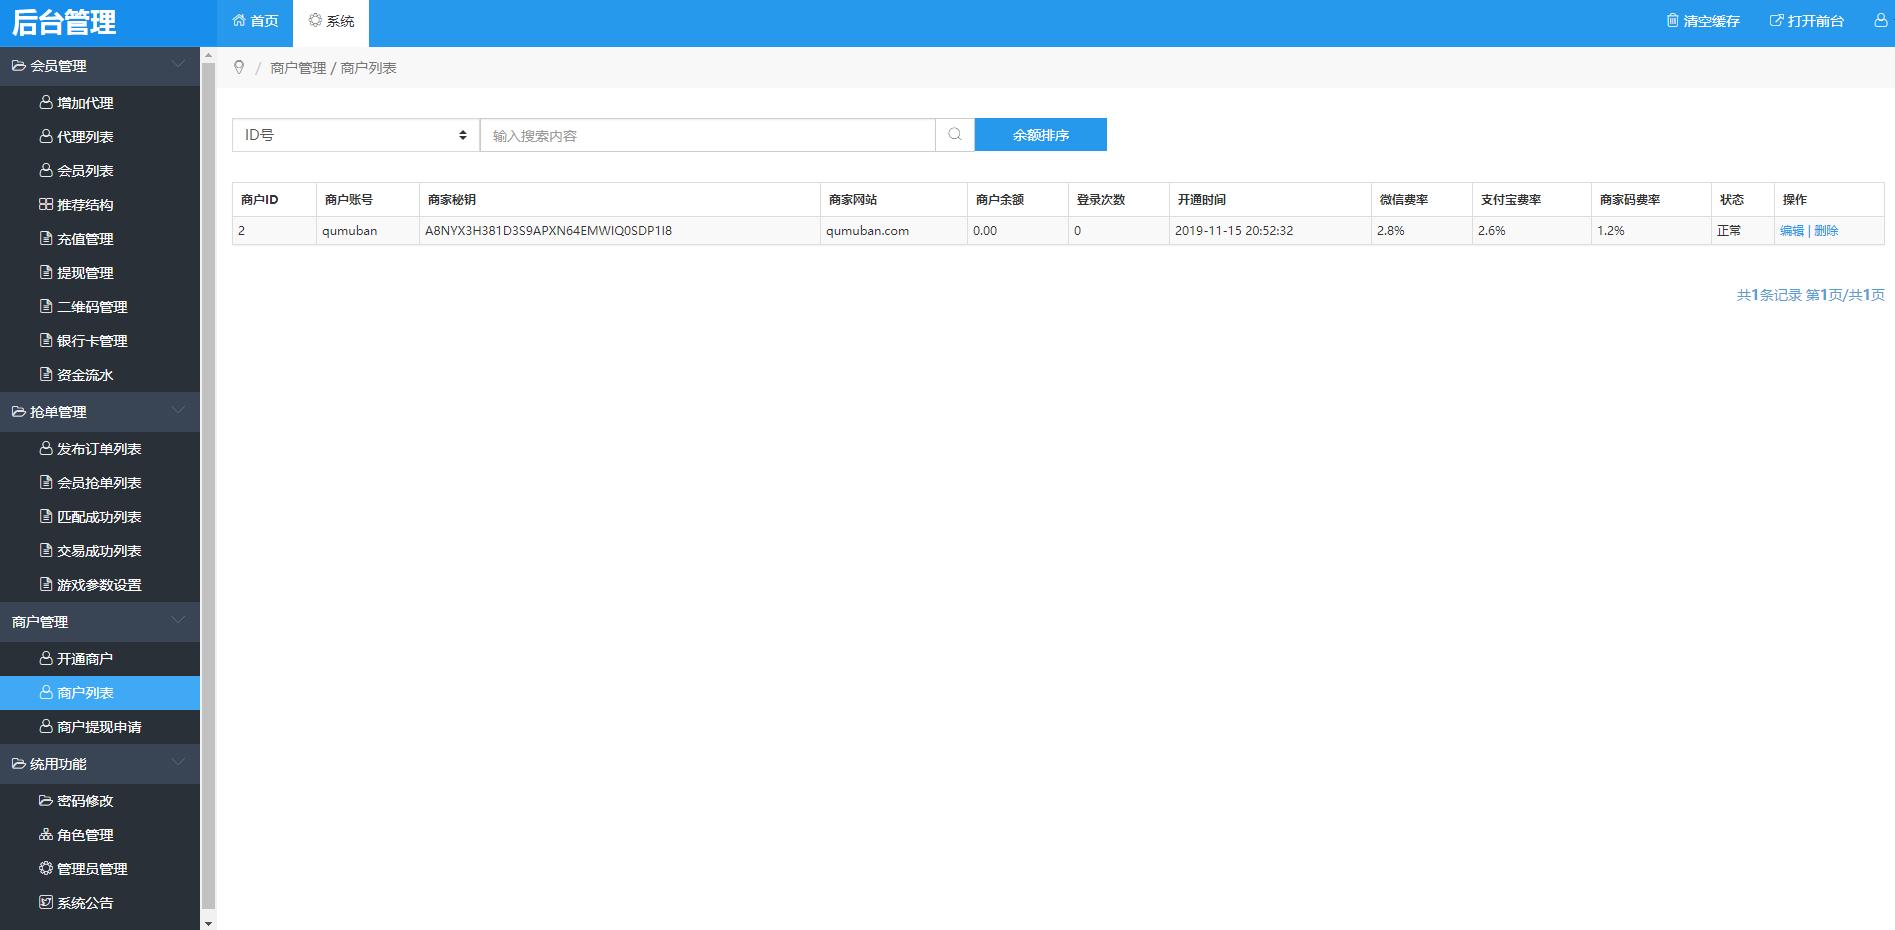 新版跑分系统 微信支付宝支付 代理/商户后台